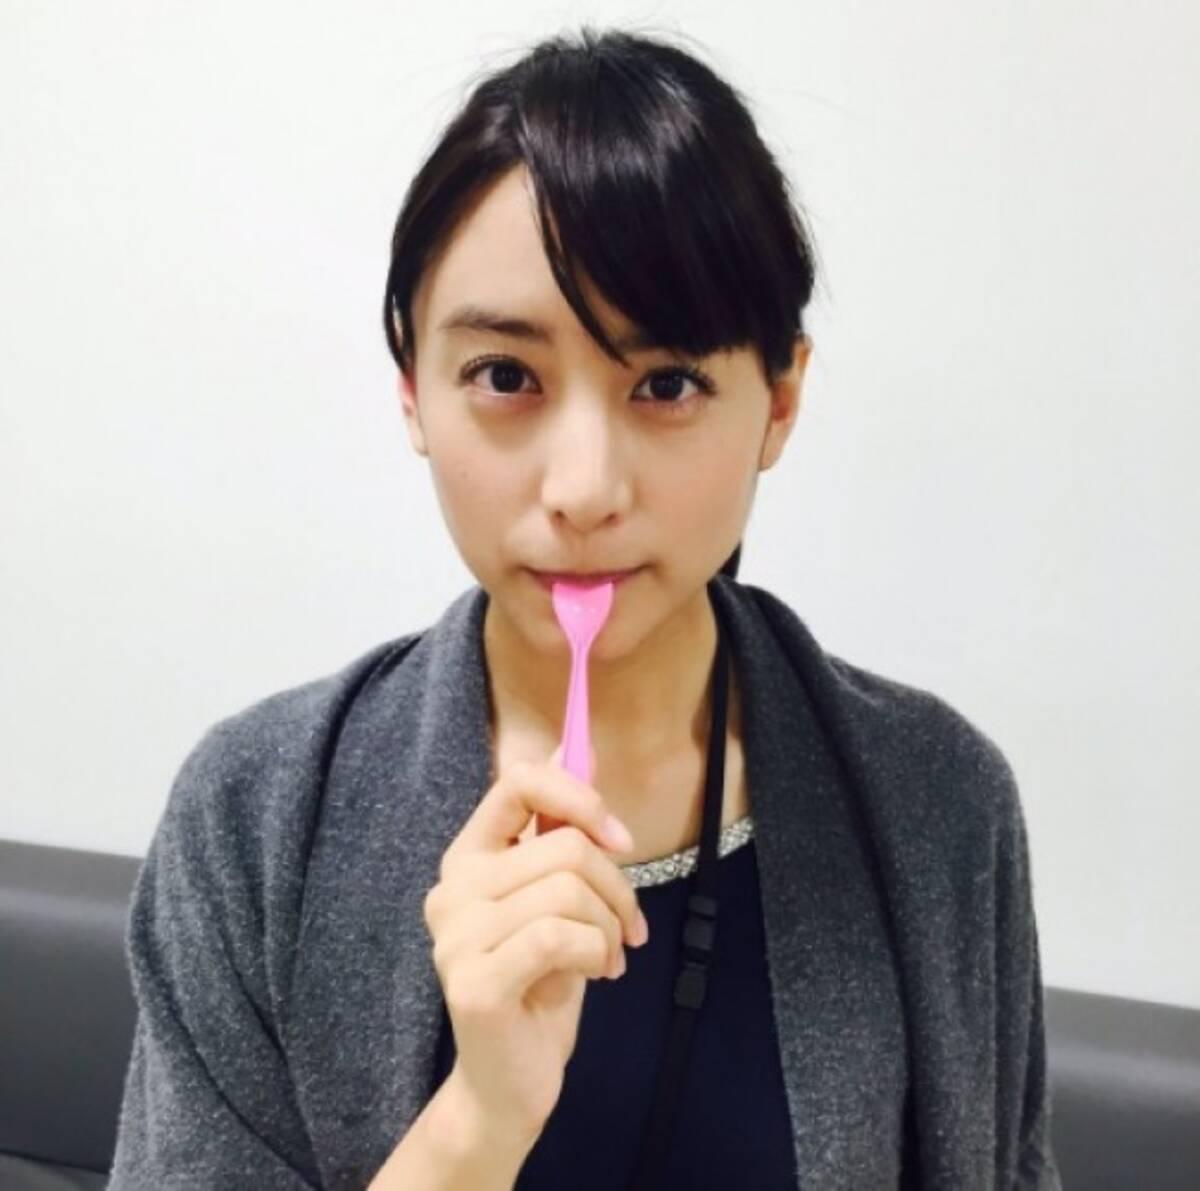 """山本美月、桐山照史撮影の""""あざとかわいい""""写真公開!「美月ちゃん ..."""